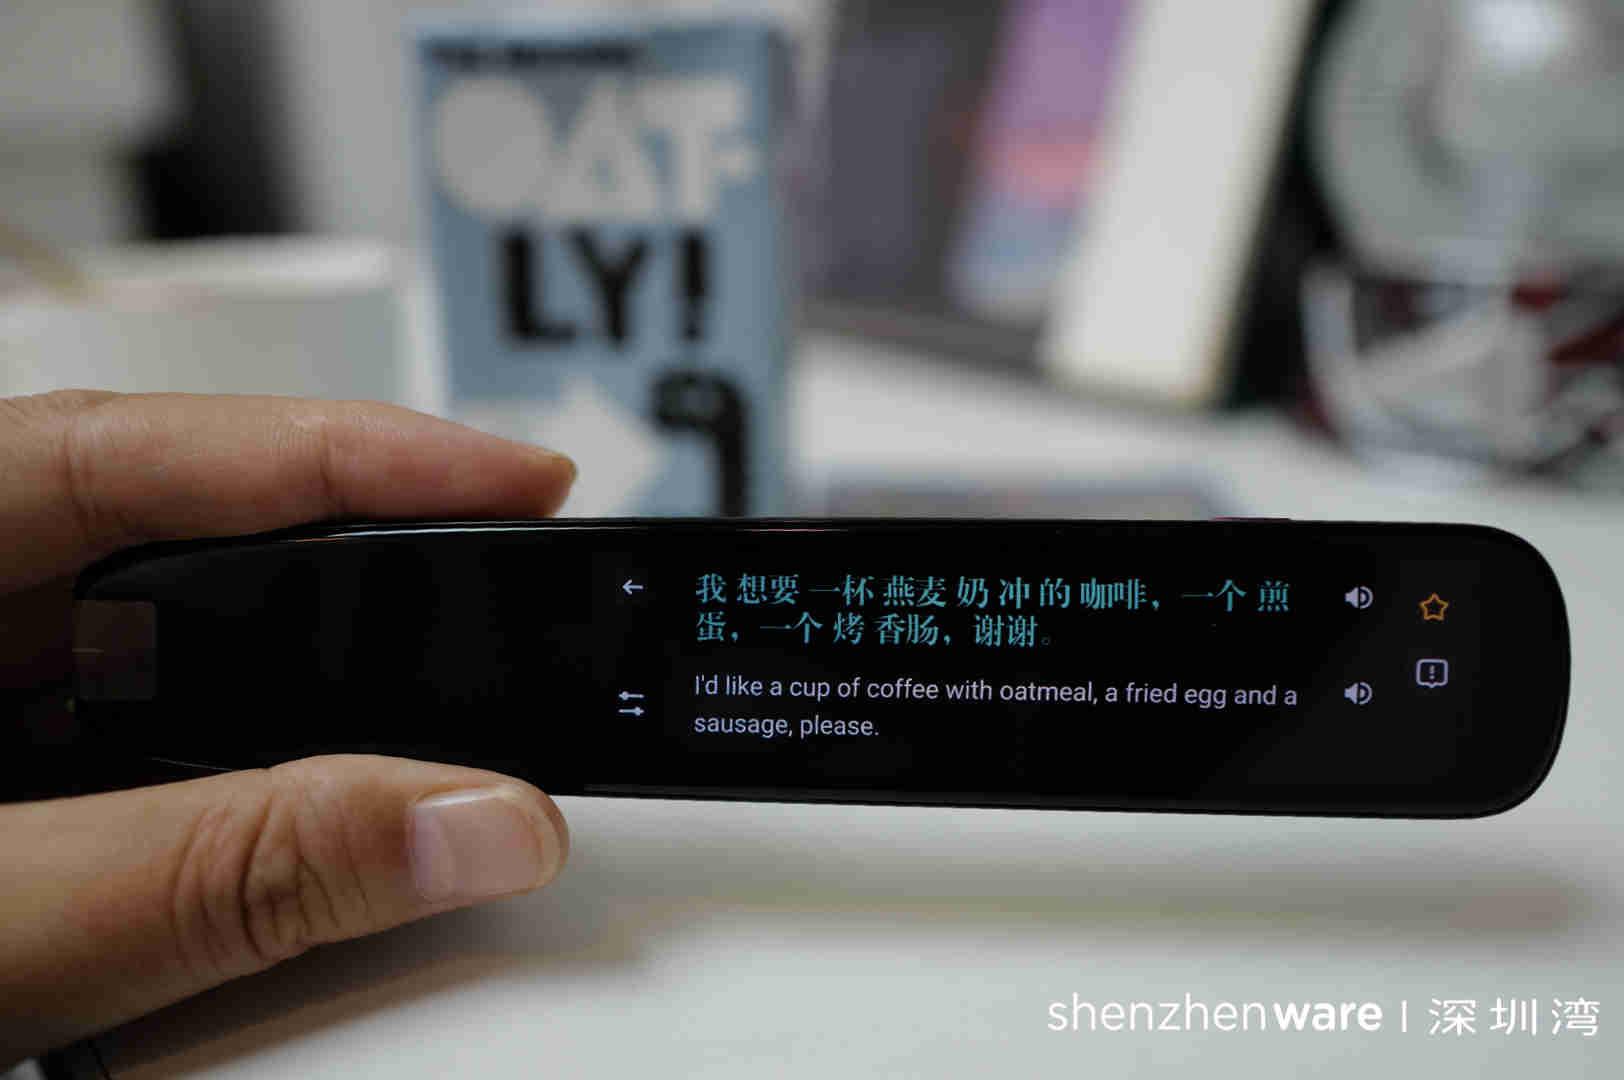 讯飞翻译笔 S11 shenzhenware report image 3x2 2021